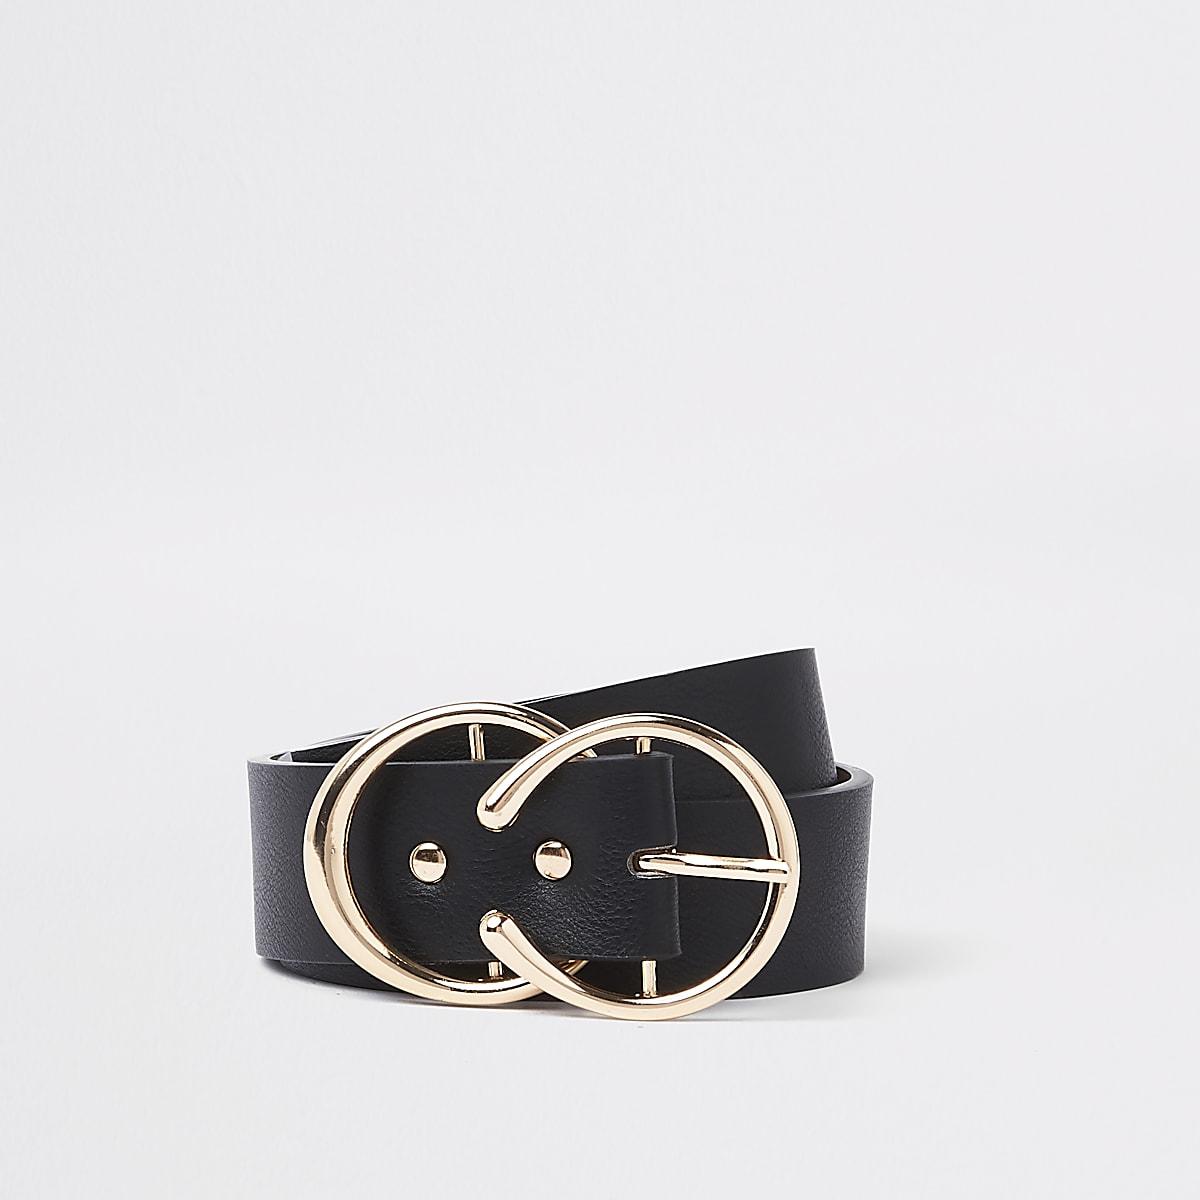 Schwarzer Gürtel mit goldener Hufeisenschnalle